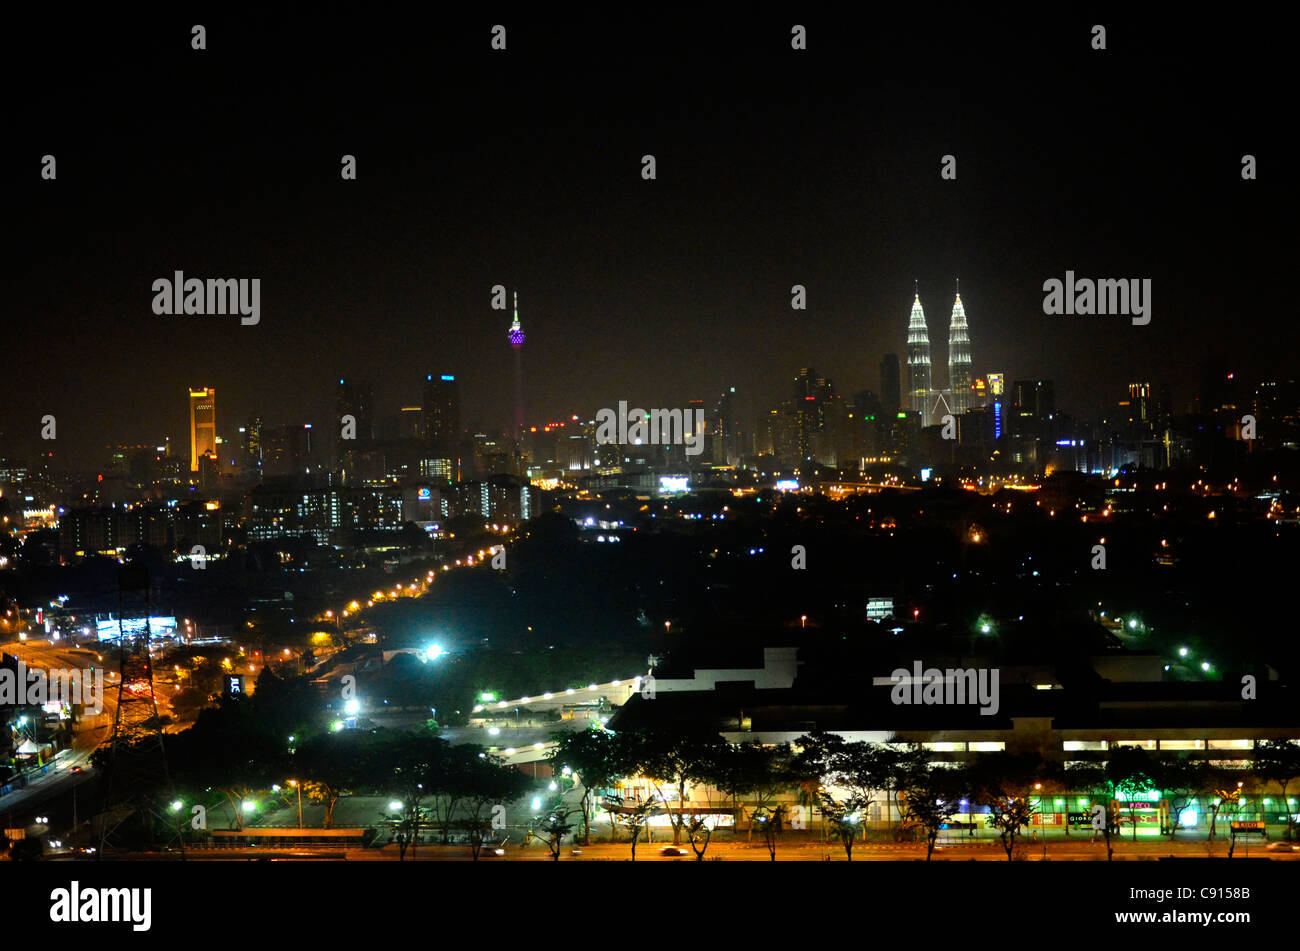 Night scene of the Petronas Twin Towers, Kuala Lumpur, Malaysia - Stock Image